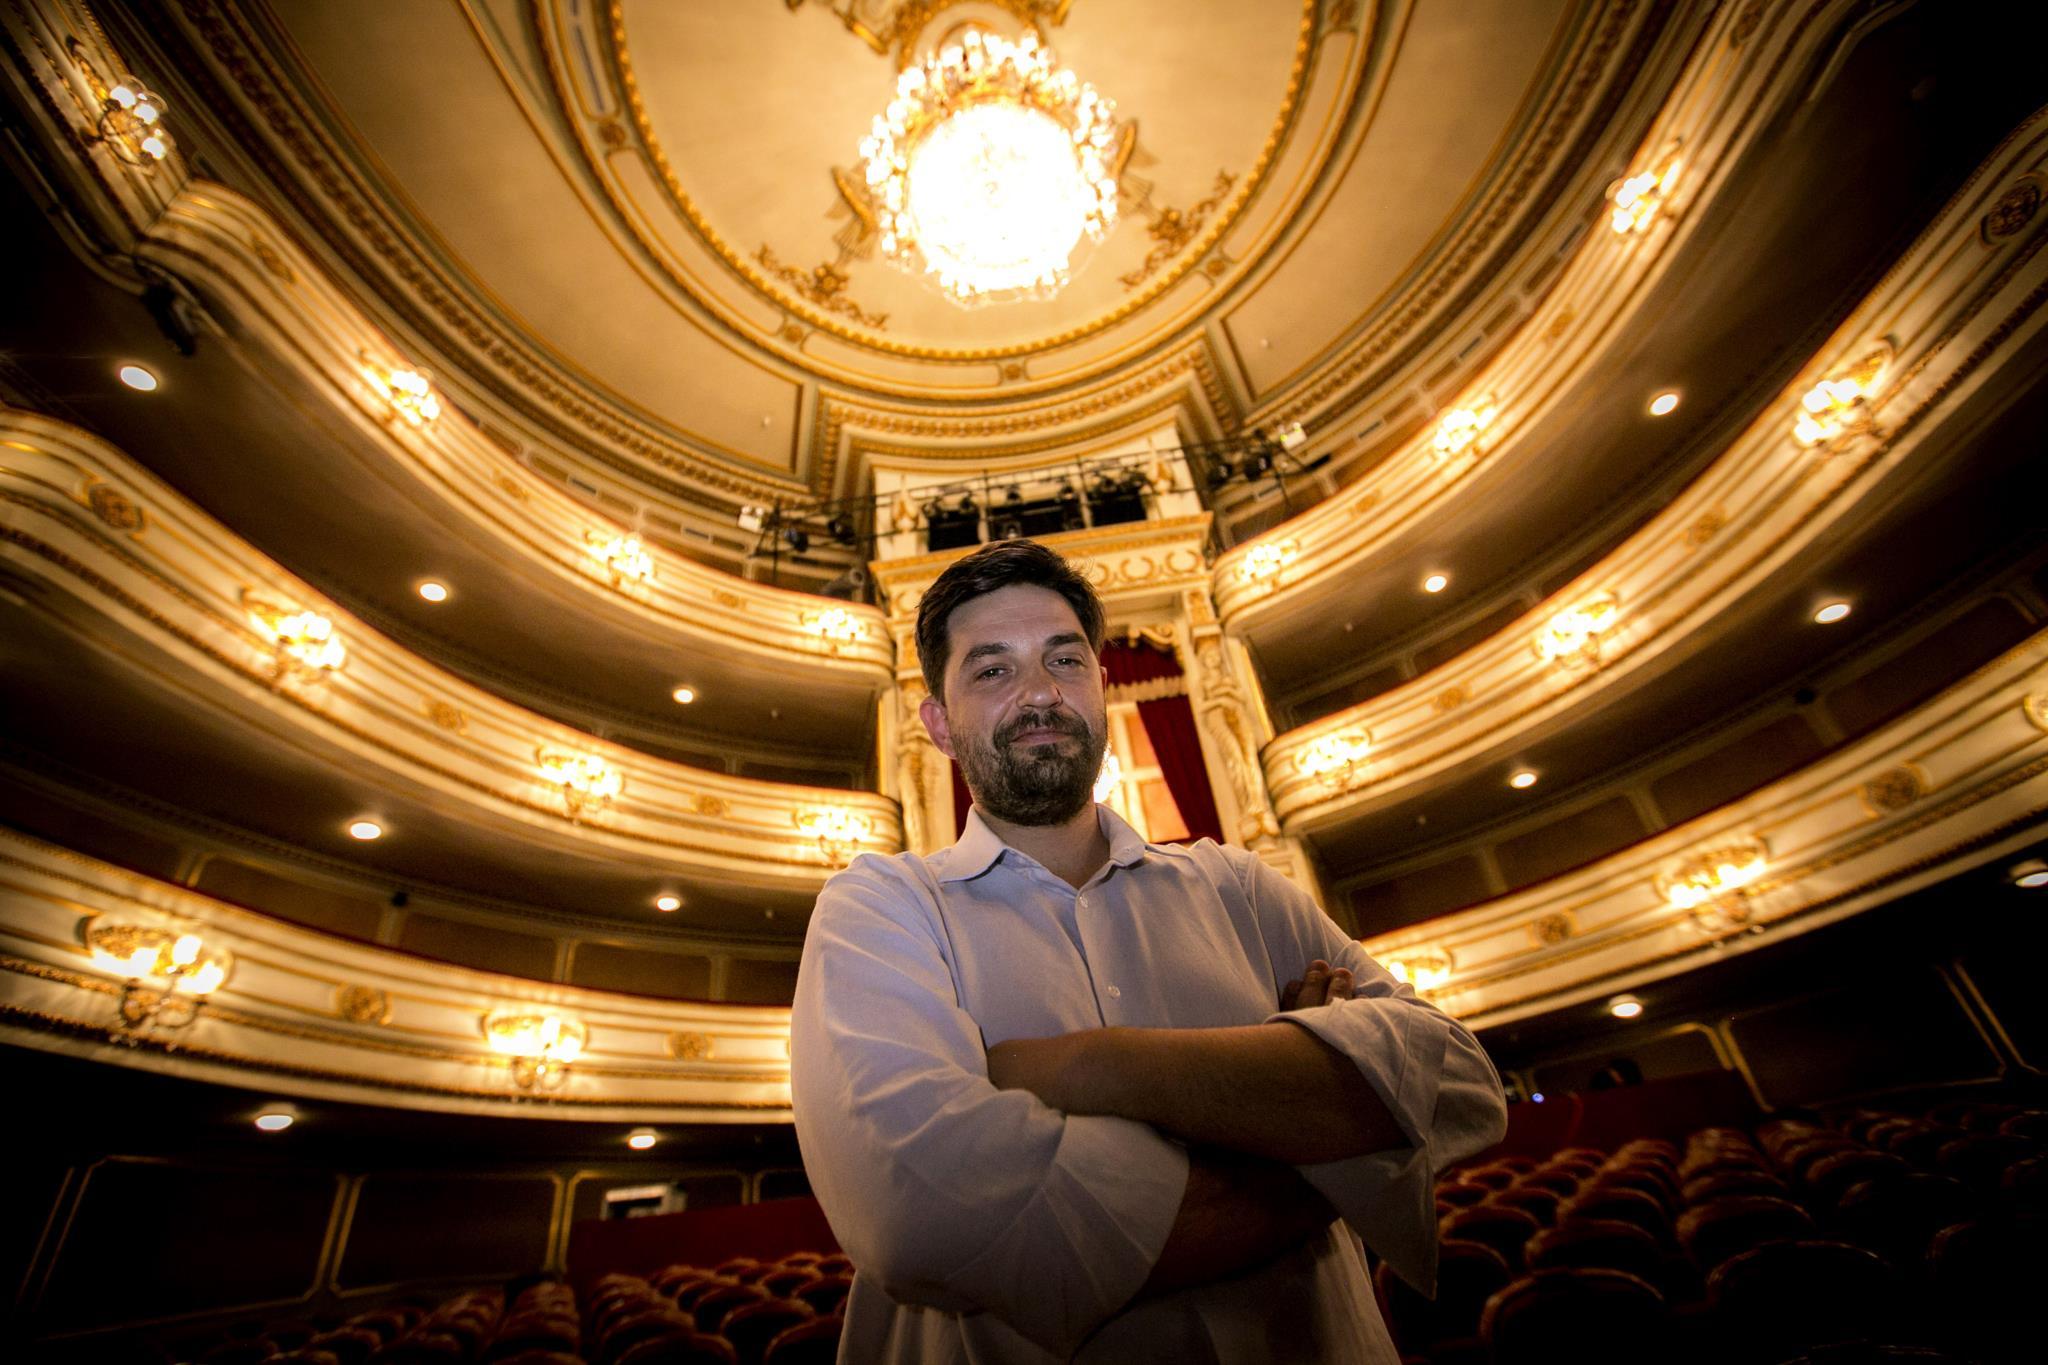 PÚBLICO - Tiago Rodrigues quer internacionalizar o D. Maria não apenas com as suas peças